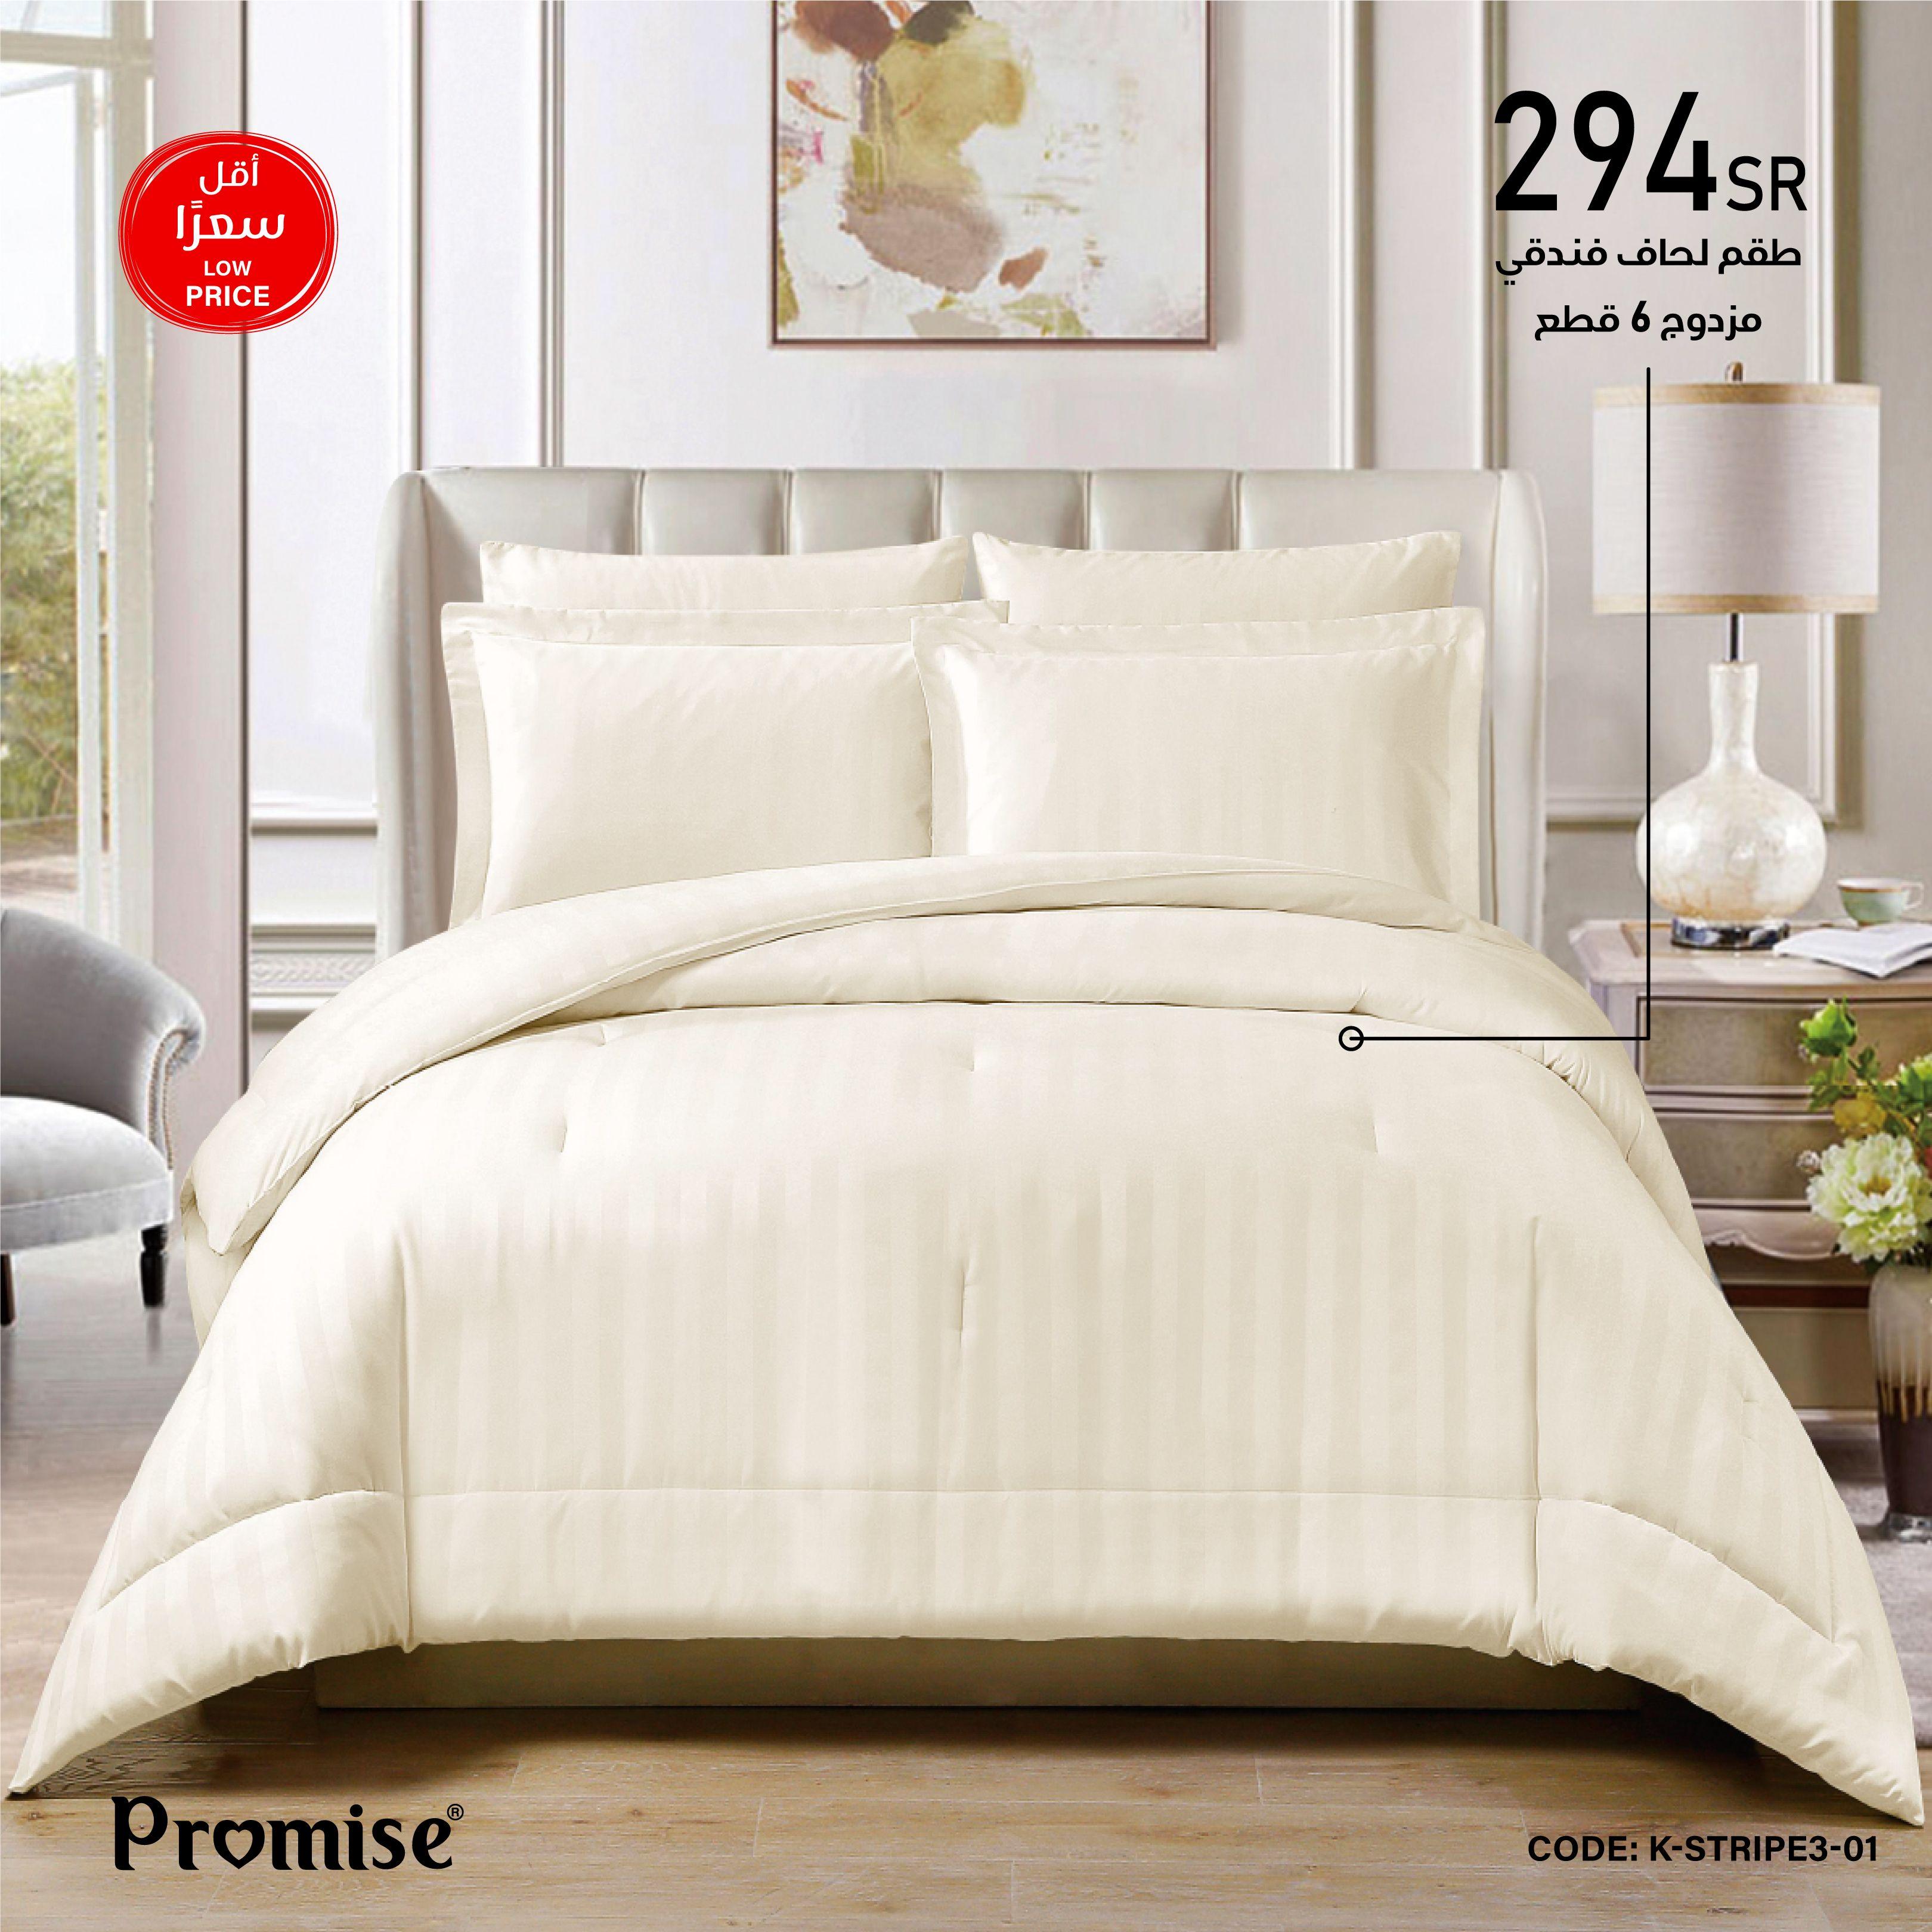 مفرش فندقي ناعم يعطي غرفتك فخامة ويمنحك الراحة والعمق في النوم Home Decor Furniture Home